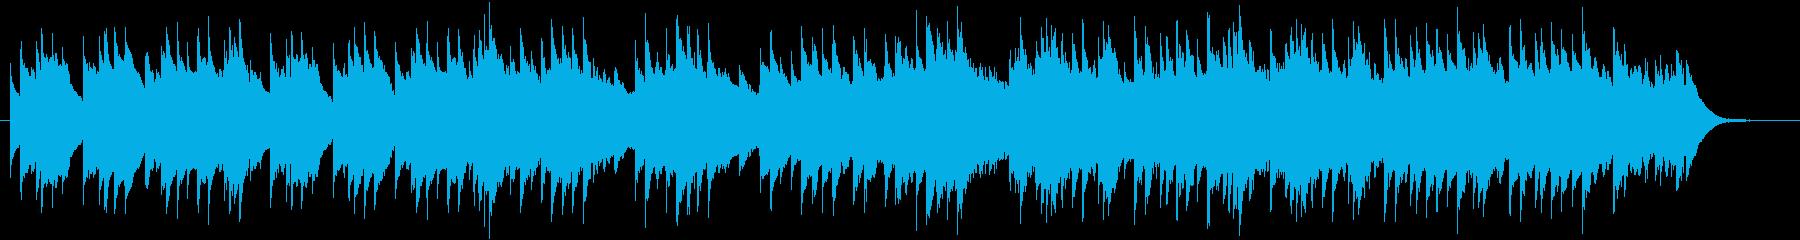 オルゴールによる優しい三拍子曲の再生済みの波形